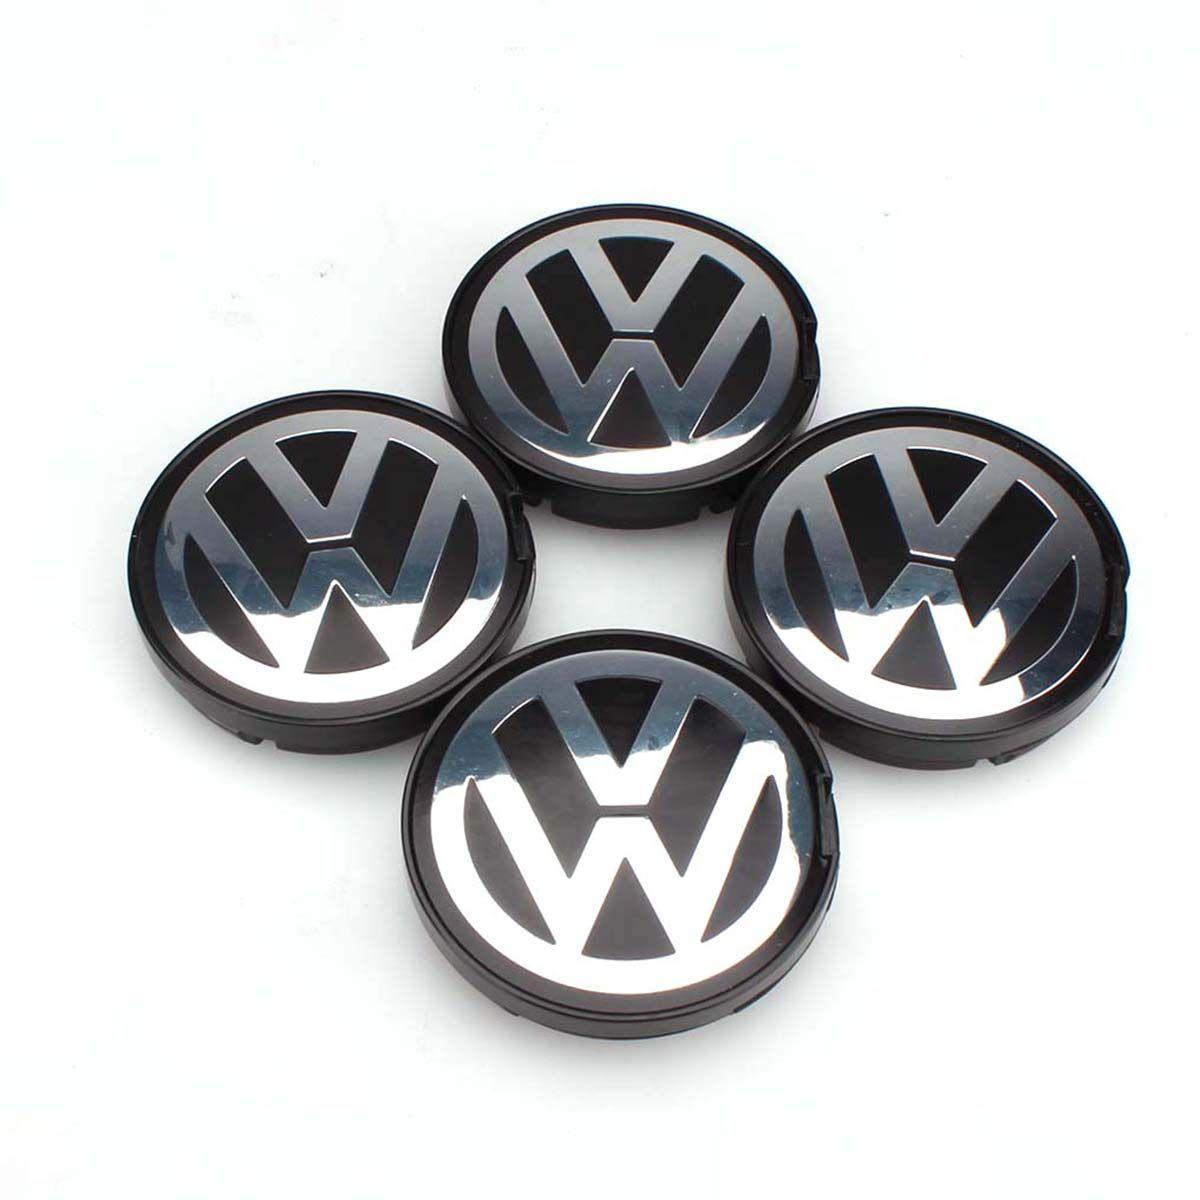 OEM концентратора Логотип Эмблема 55 мм центра колеса Кепки Обложка для VW Гольф Jetta Passat GTI R32 Bora 6n0601171